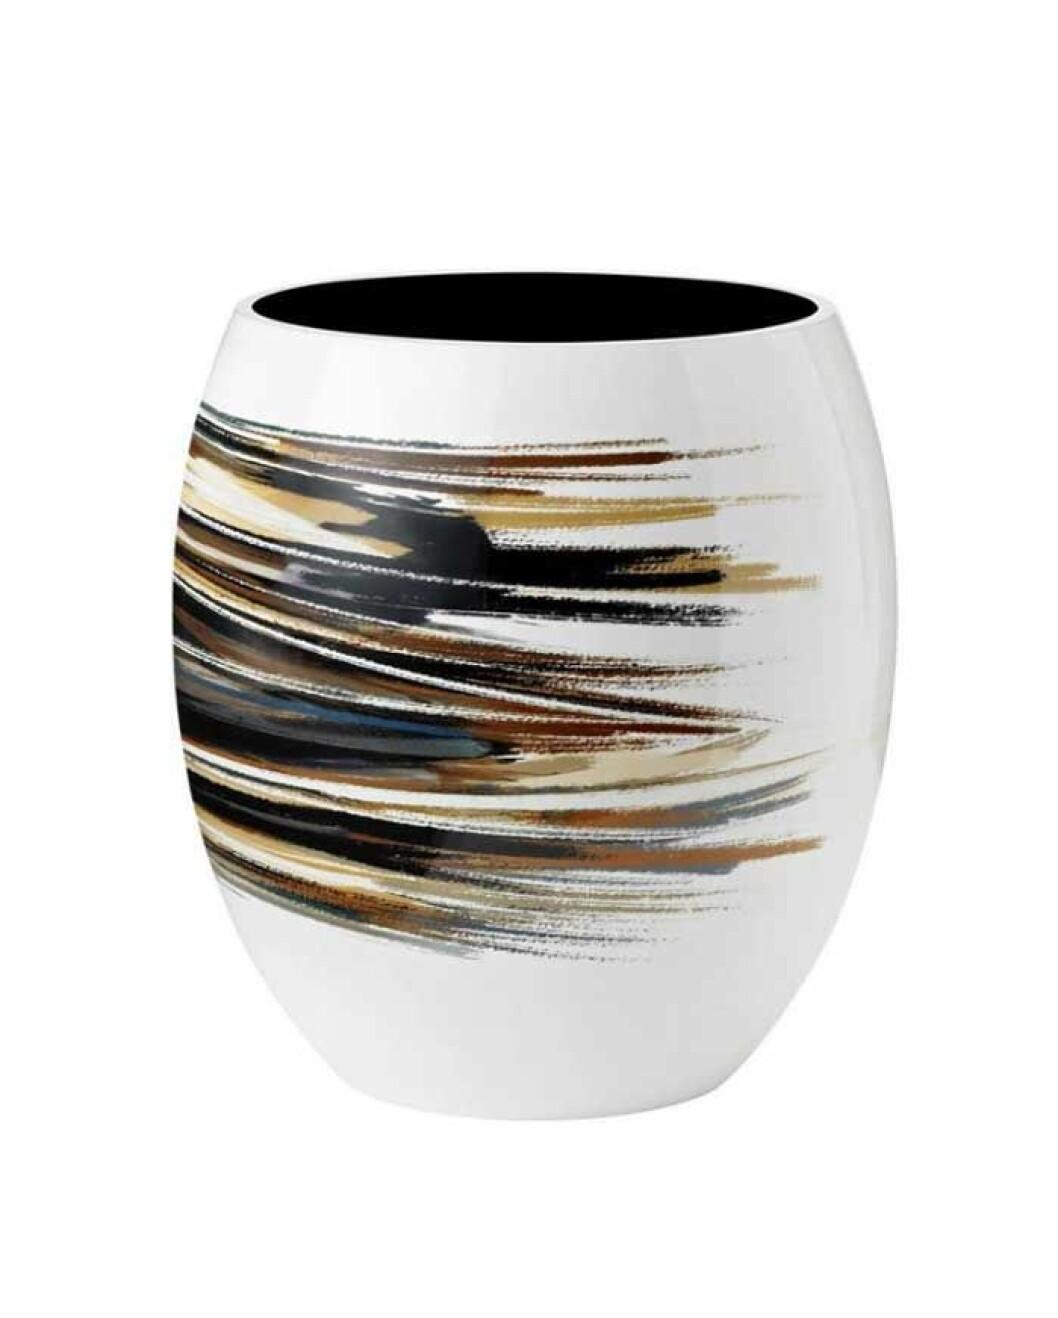 Vas från Stelton